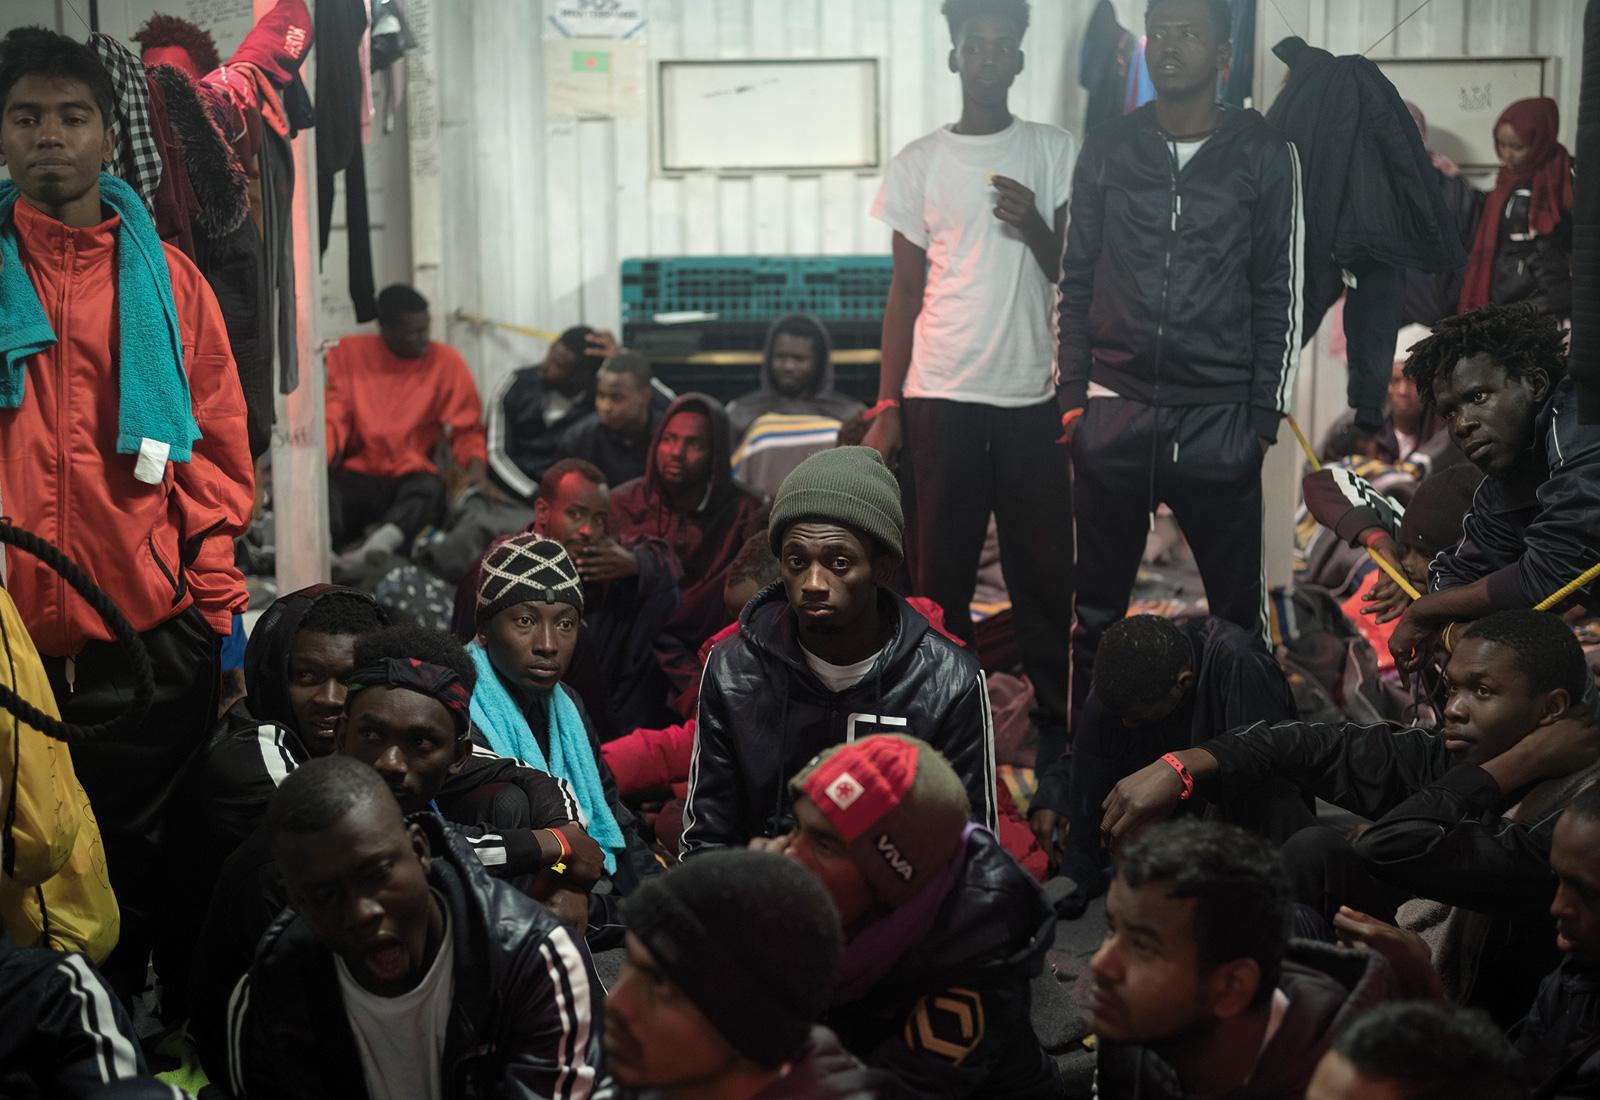 En folksamling. Personer med jackor och mössa lyssnar.